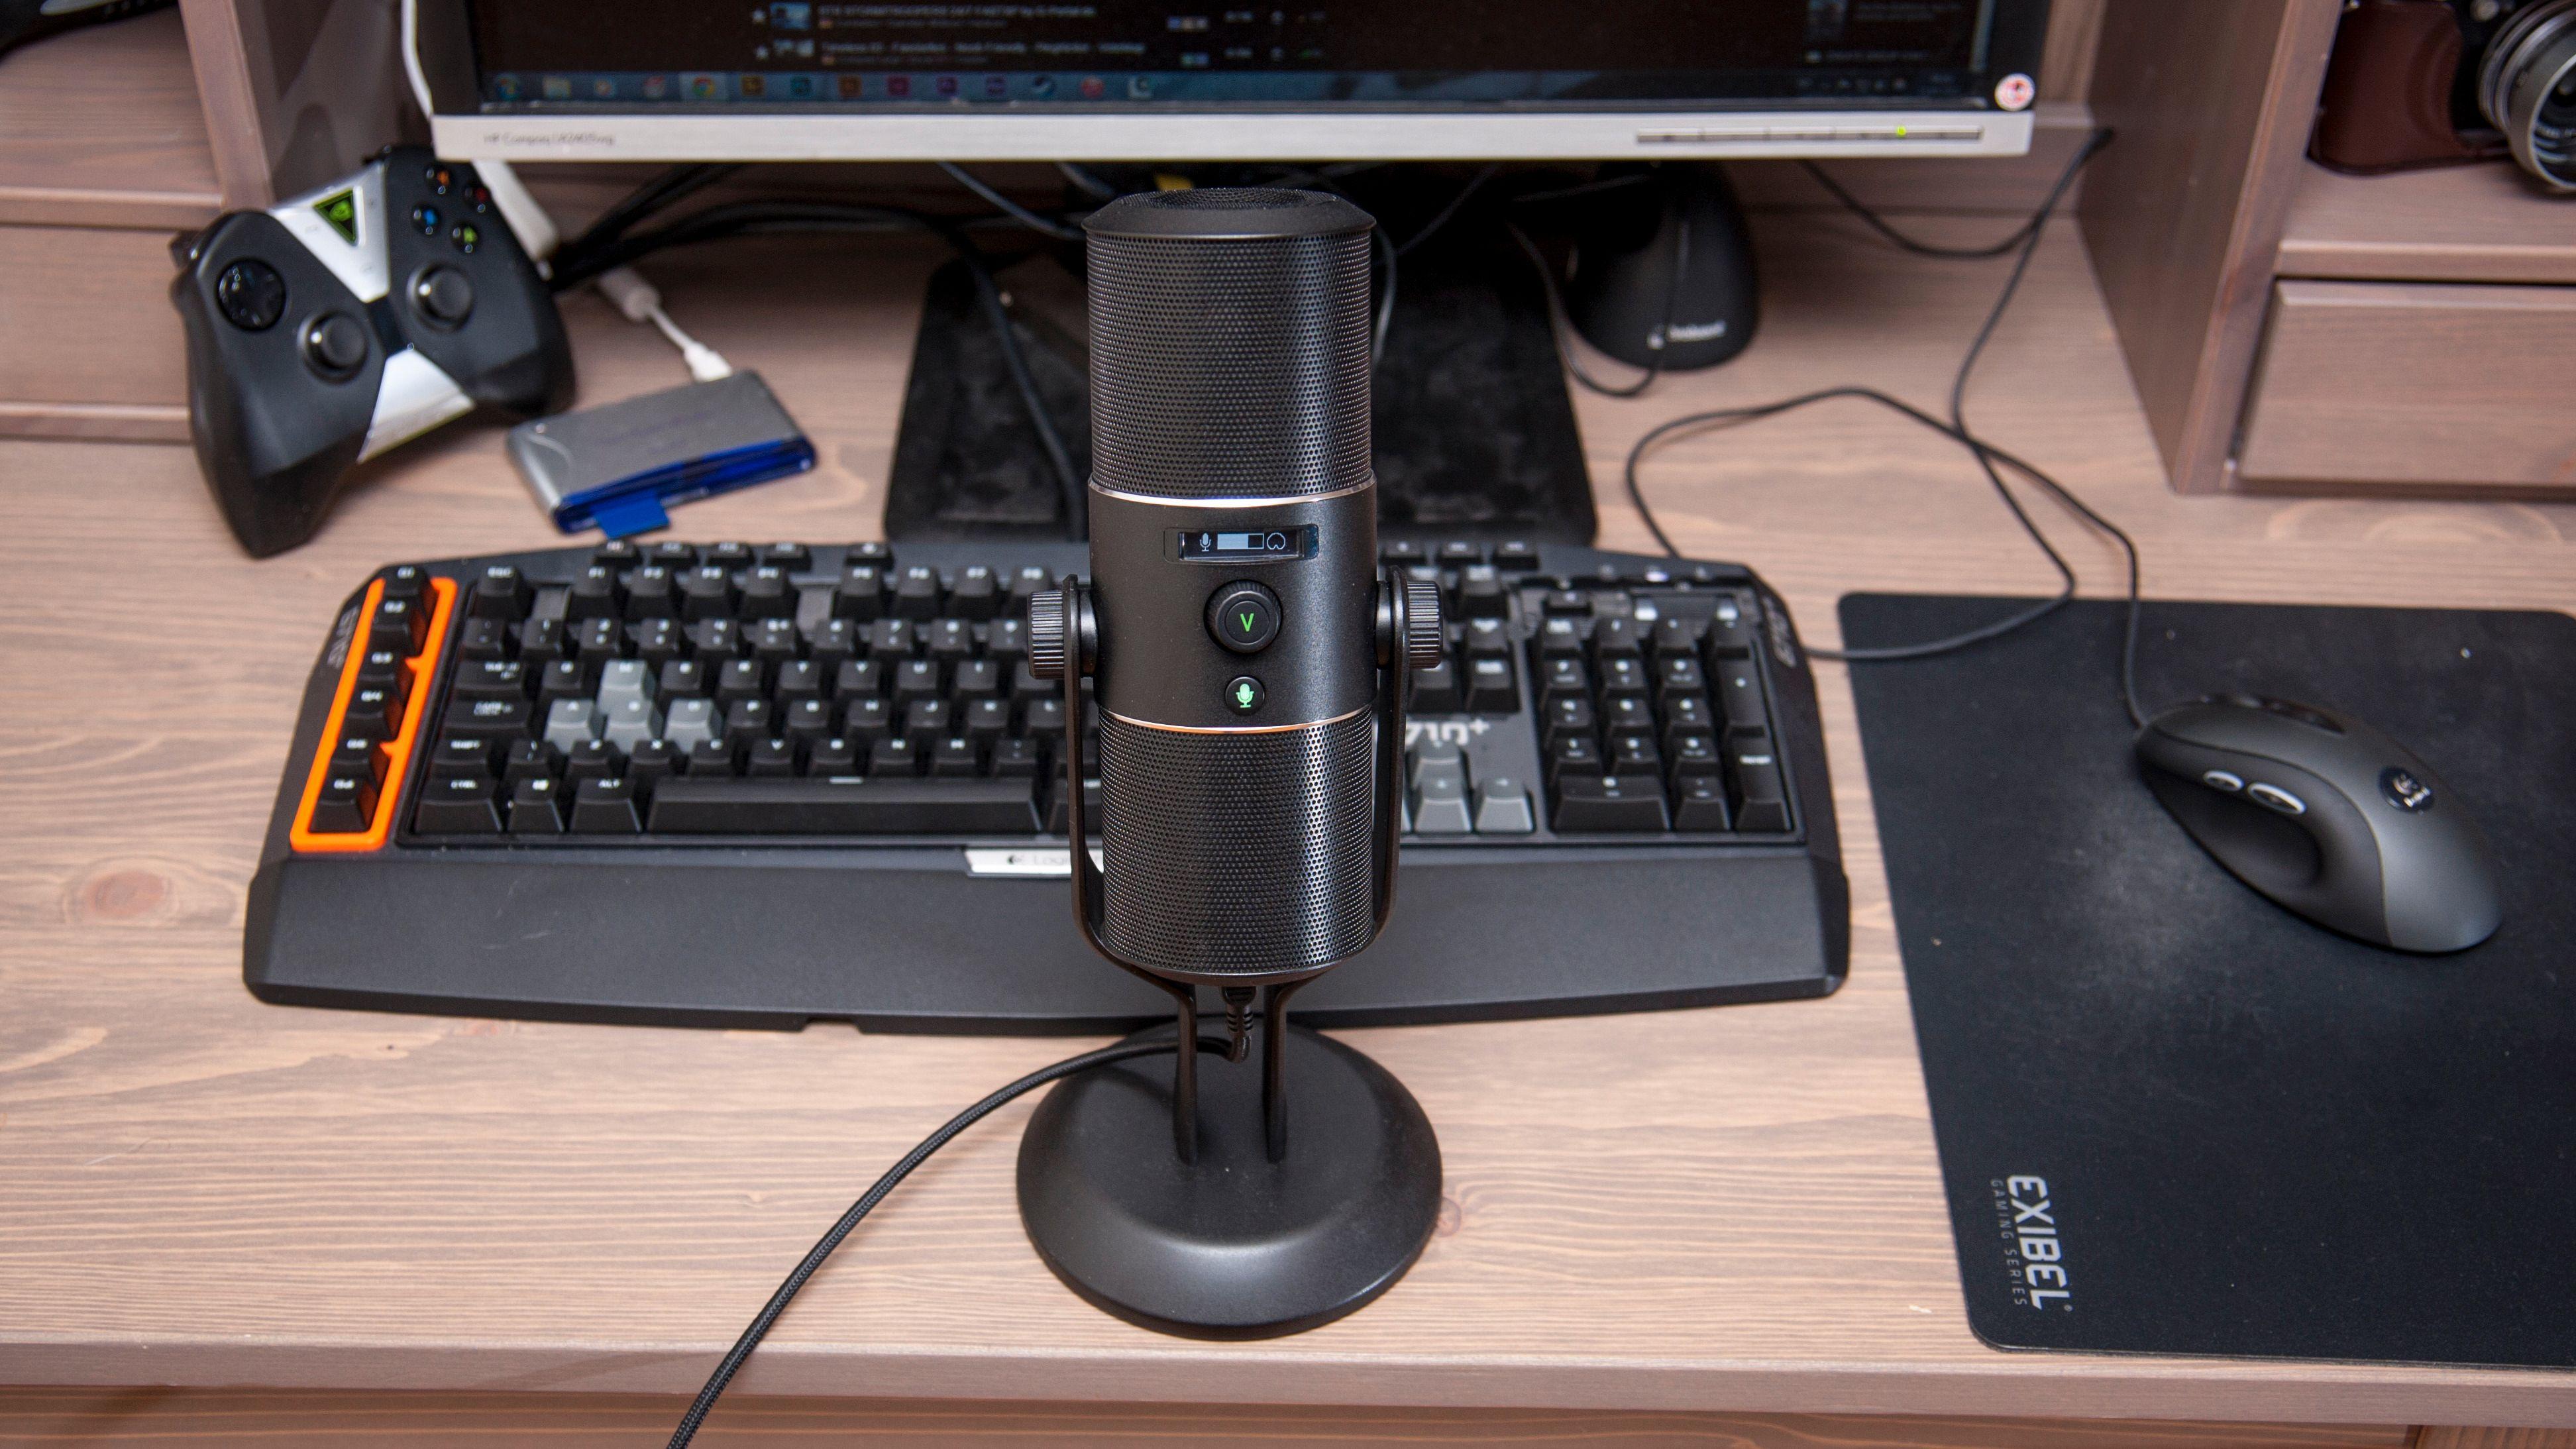 Foran mikrofonen er det to knapper: Et hjul som lar oss justere lyttevolumet, og en mute-knapp. Foto: Kristoffer Møllevik